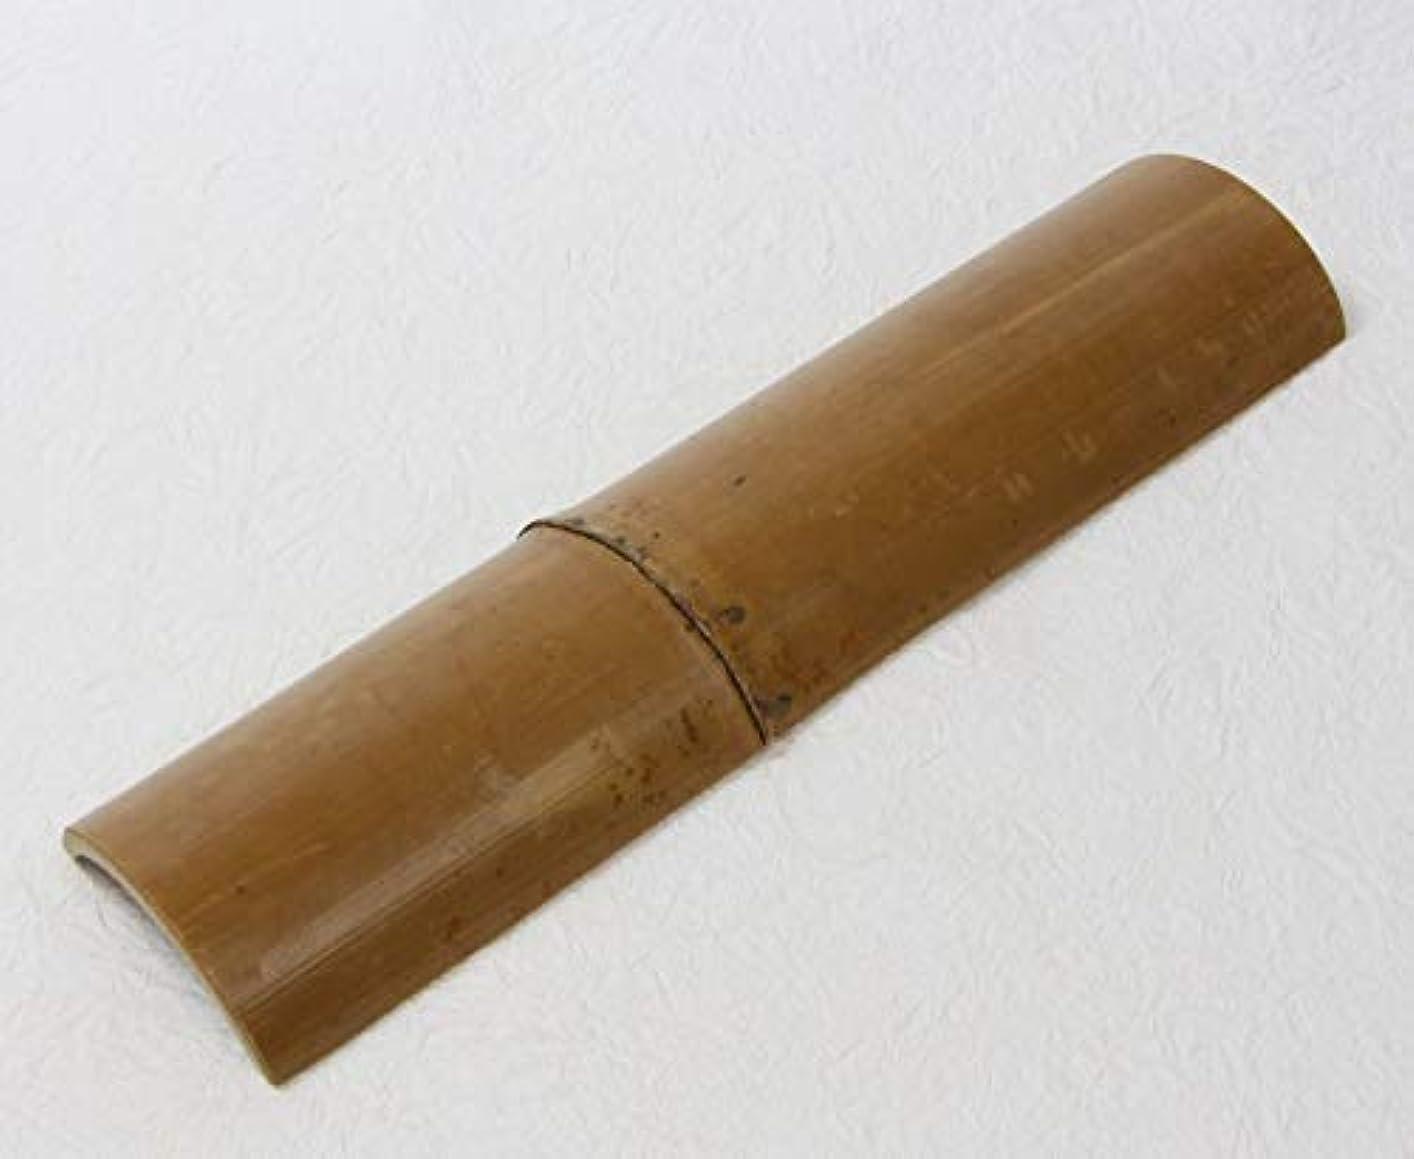 提唱する導体有料竹細工 「炭化竹?踏み竹40cm」